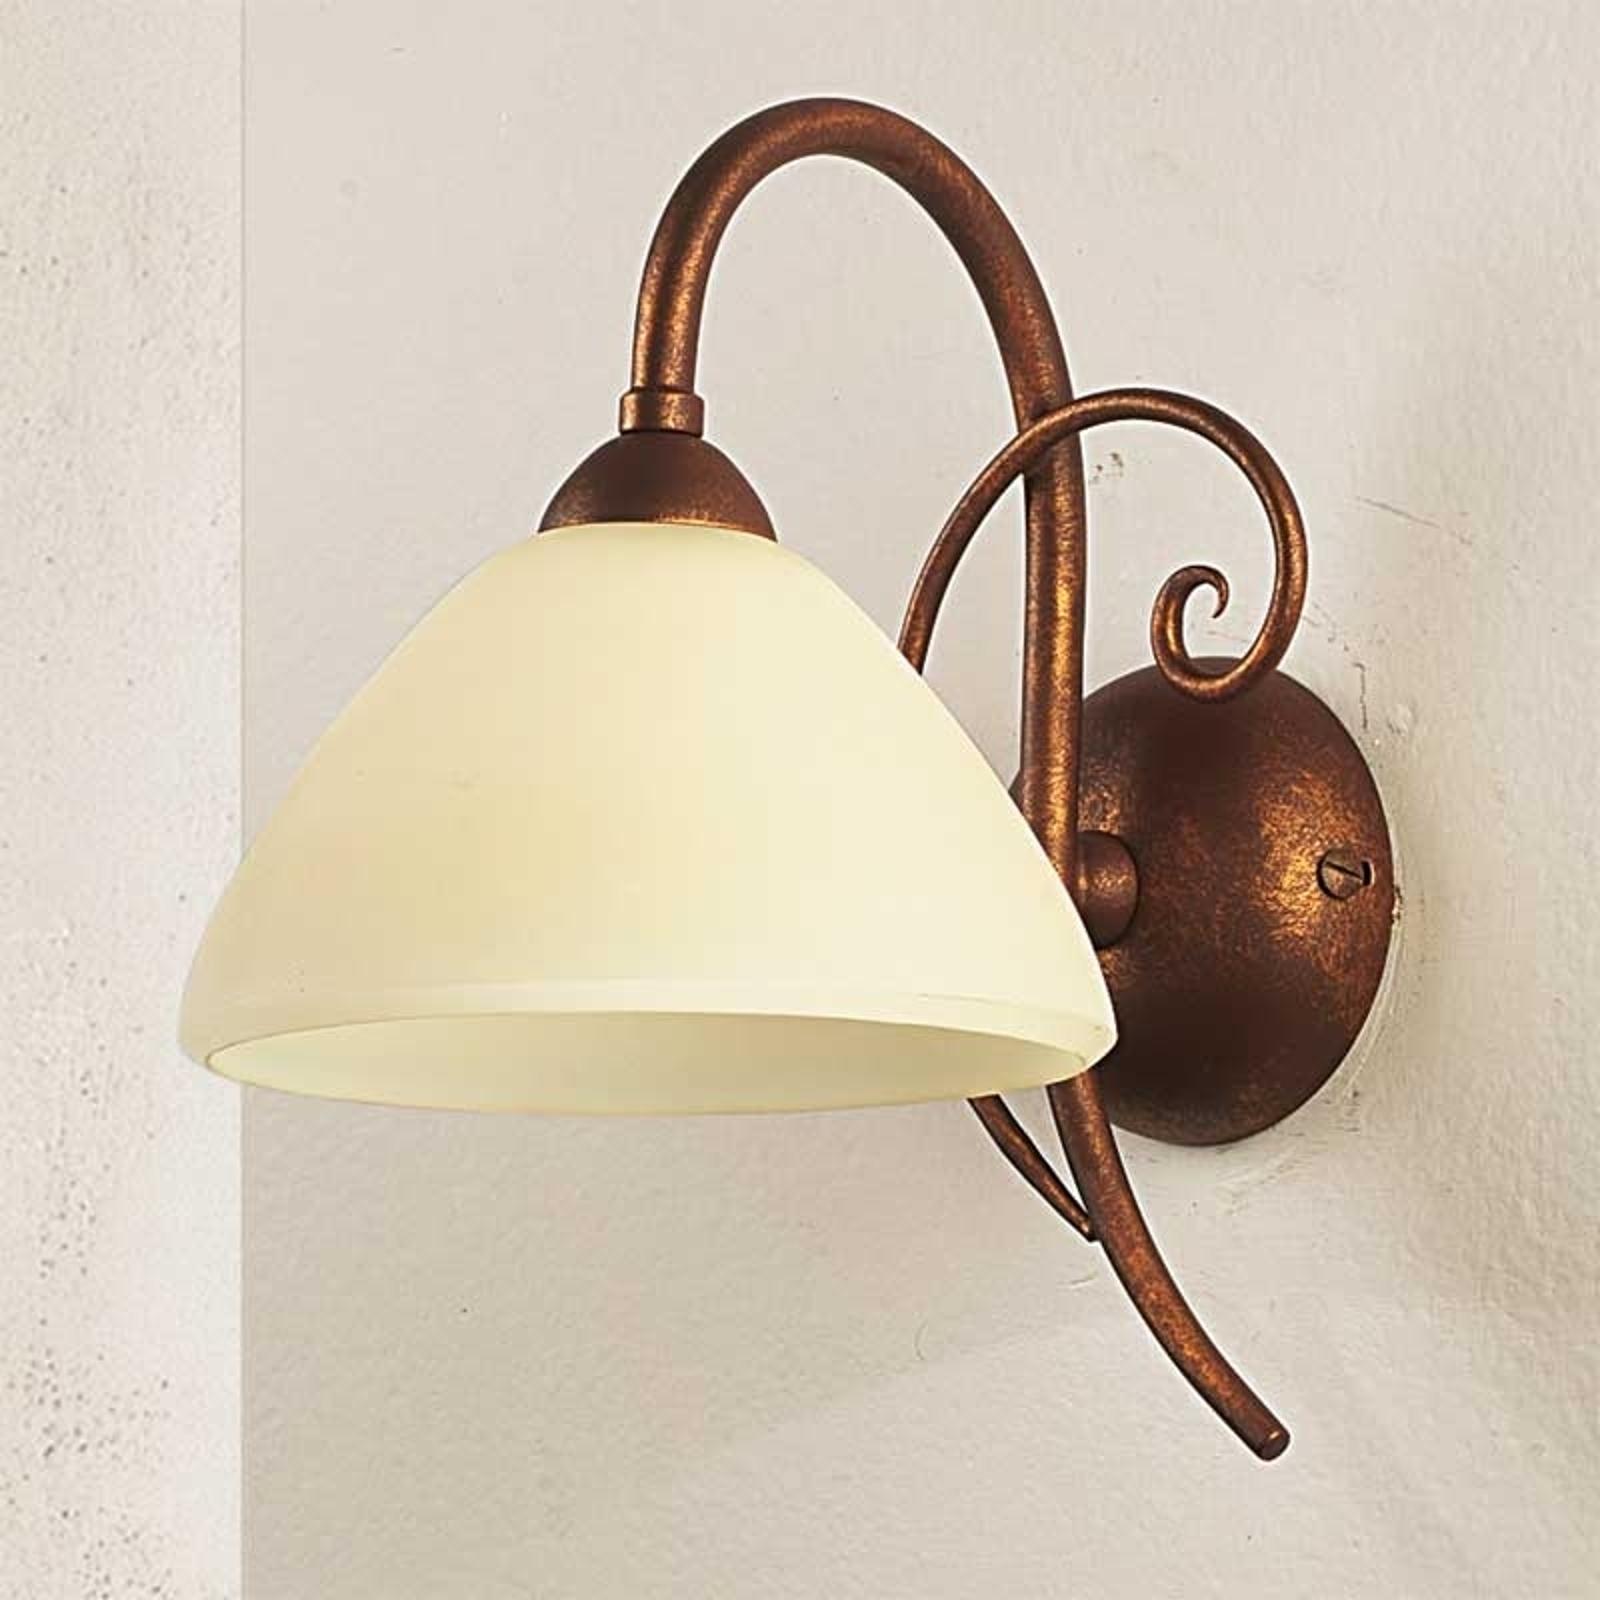 Federico dekorativ væglampe